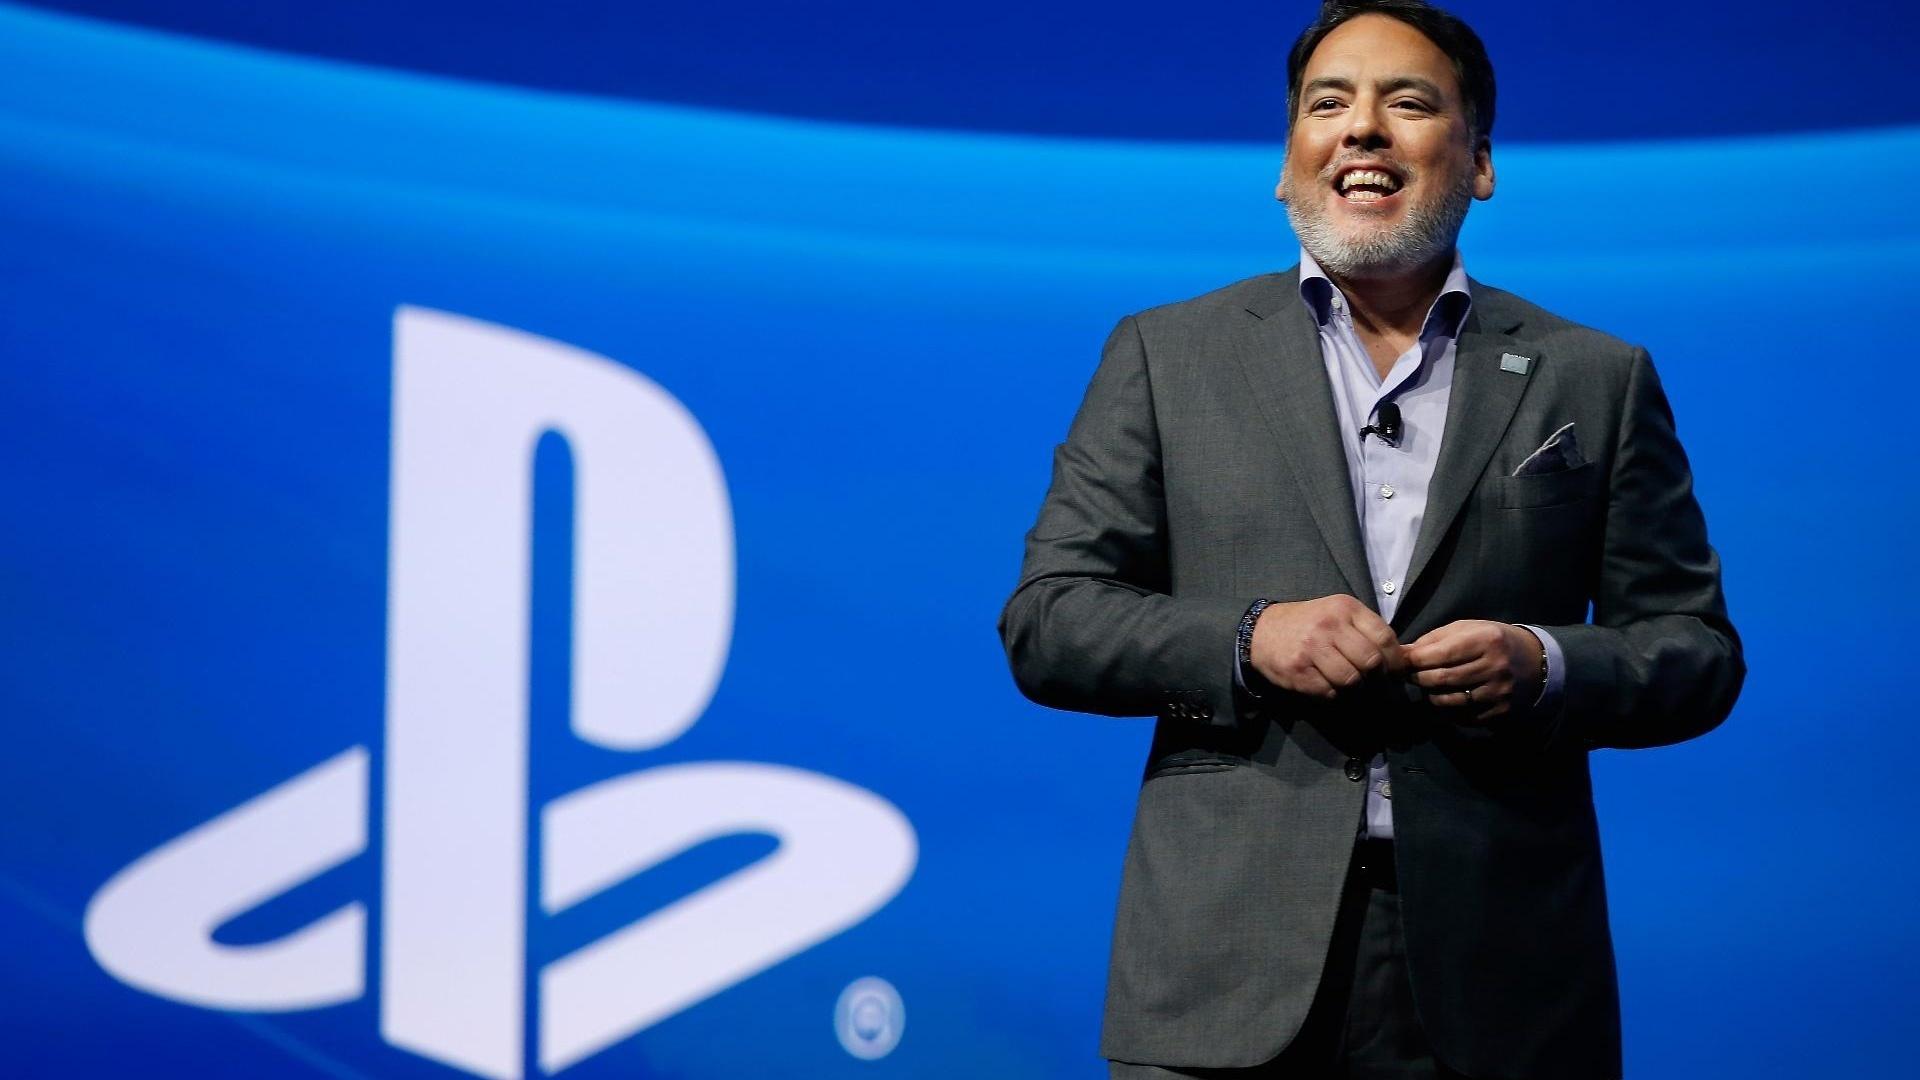 尽管缺席 索尼依旧是E3话题度排行第三的发行商